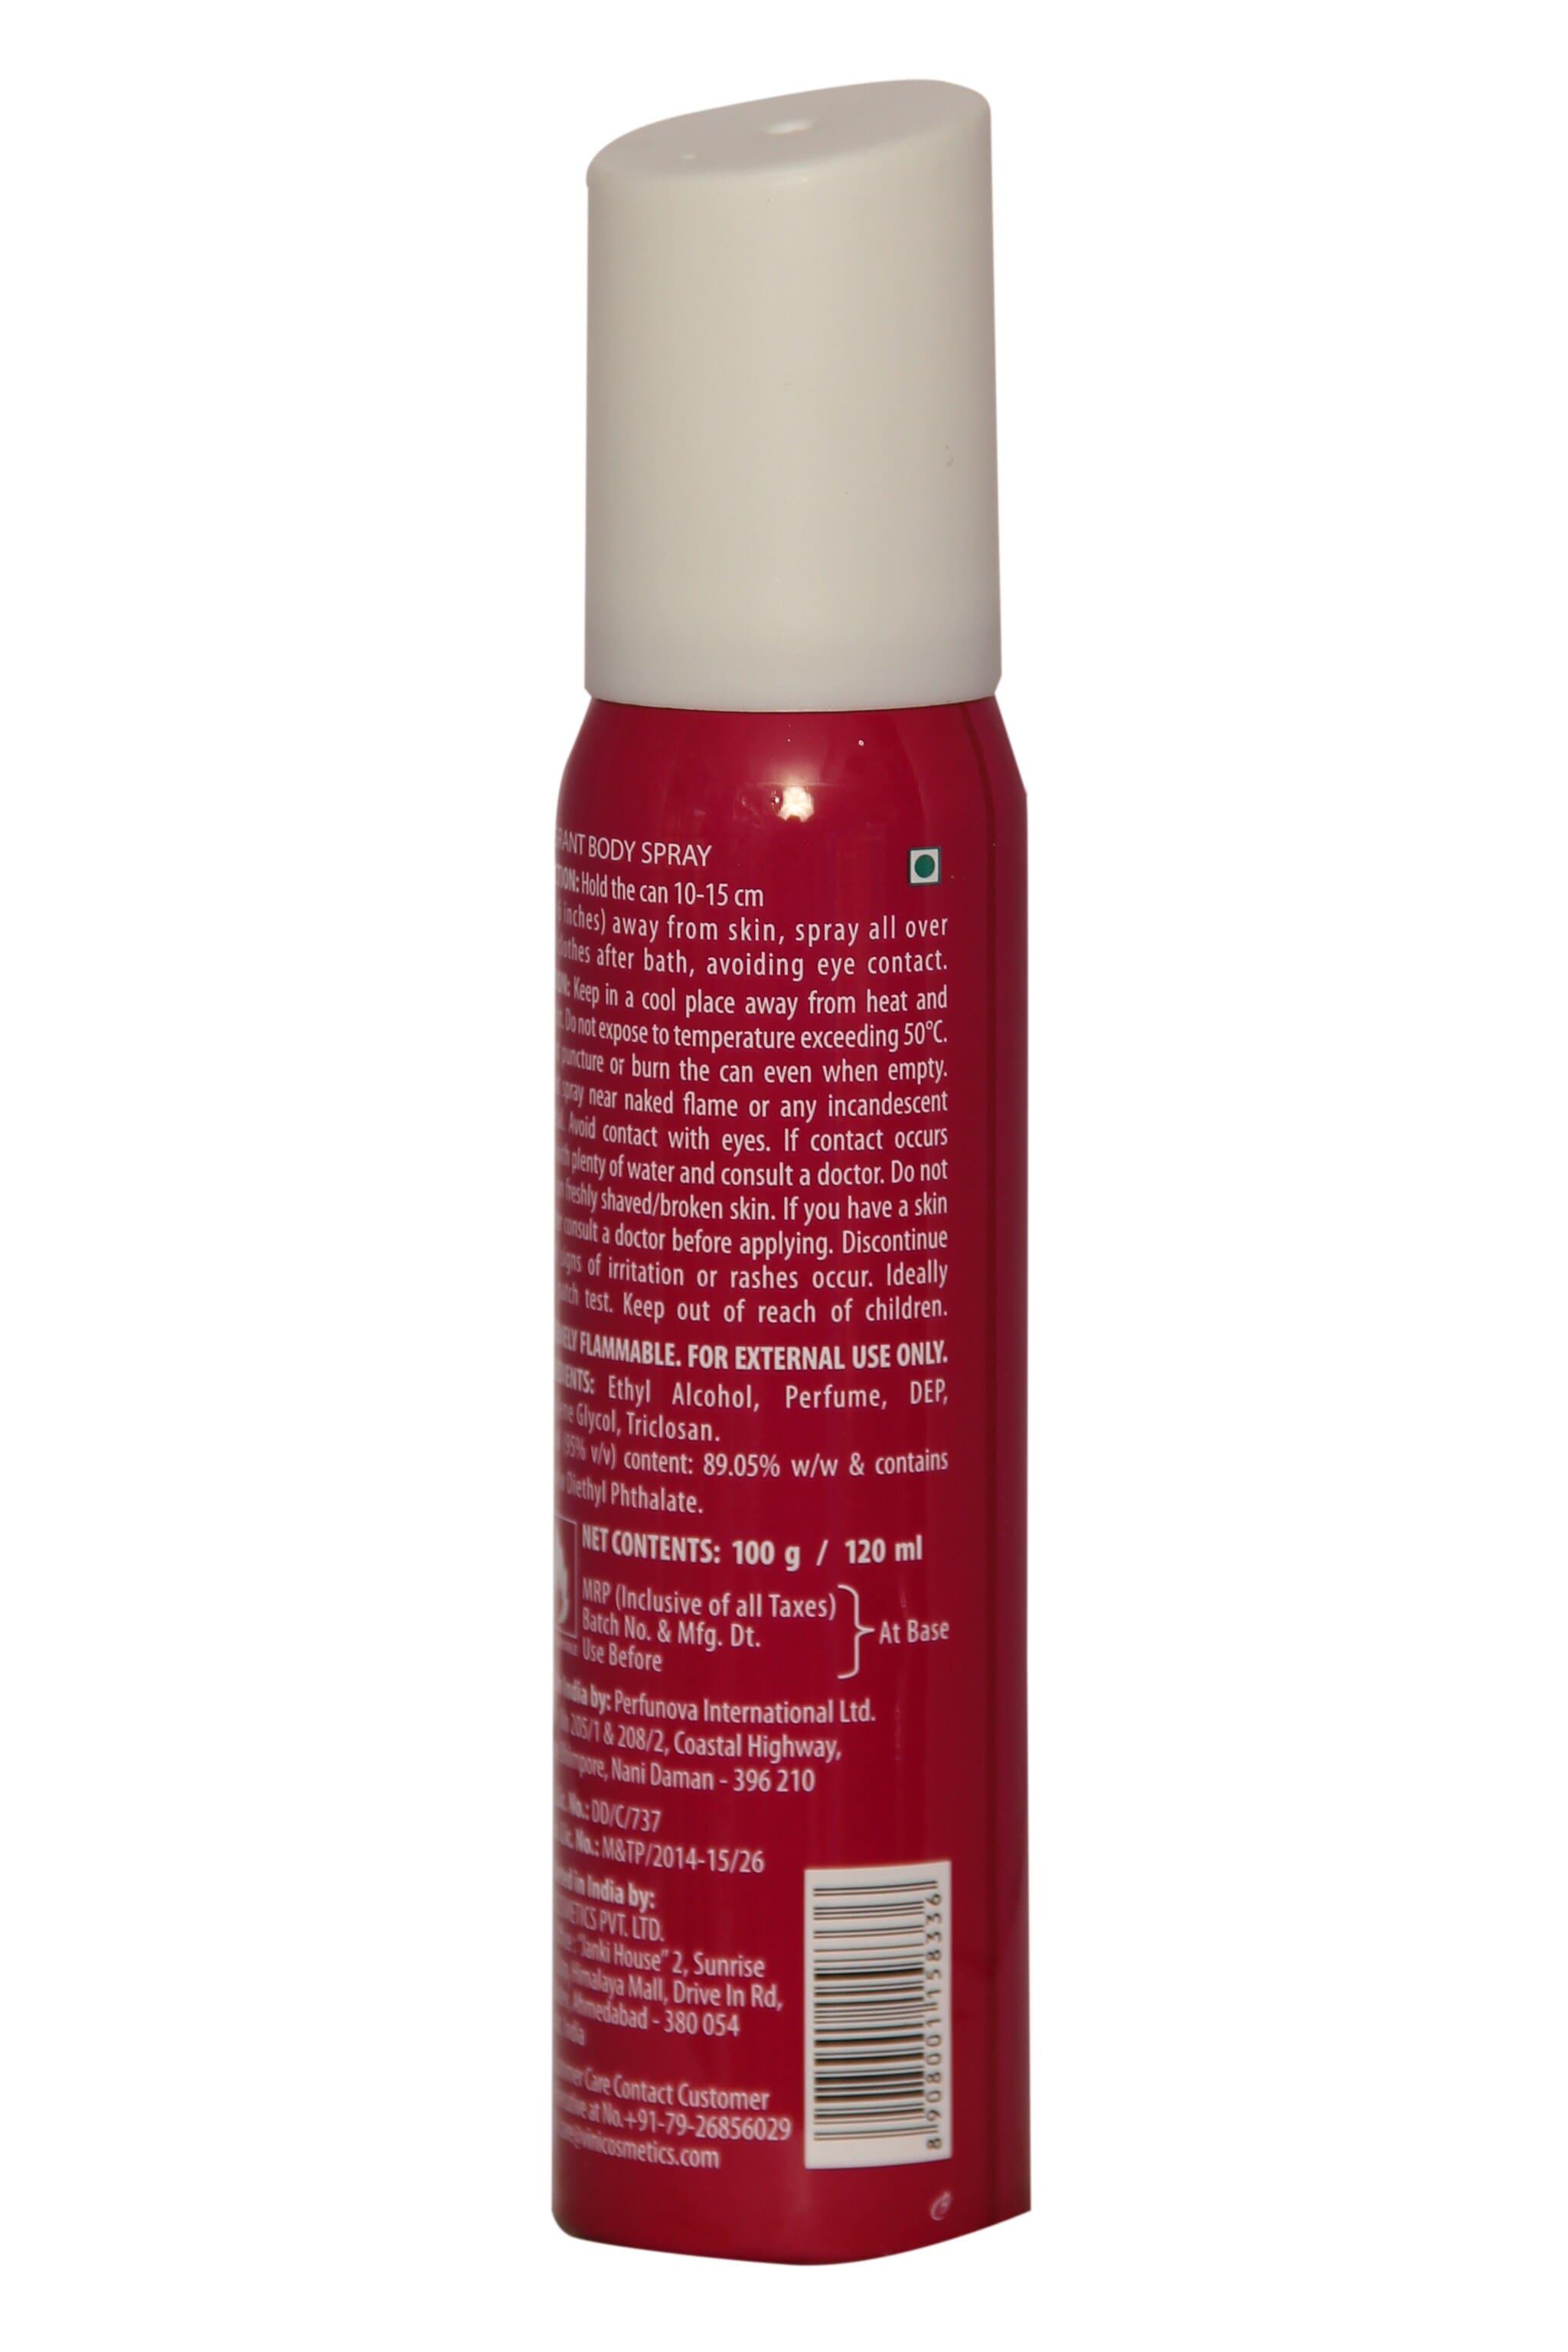 Fogg Delicious Fragrance Body Spray 120 Ml